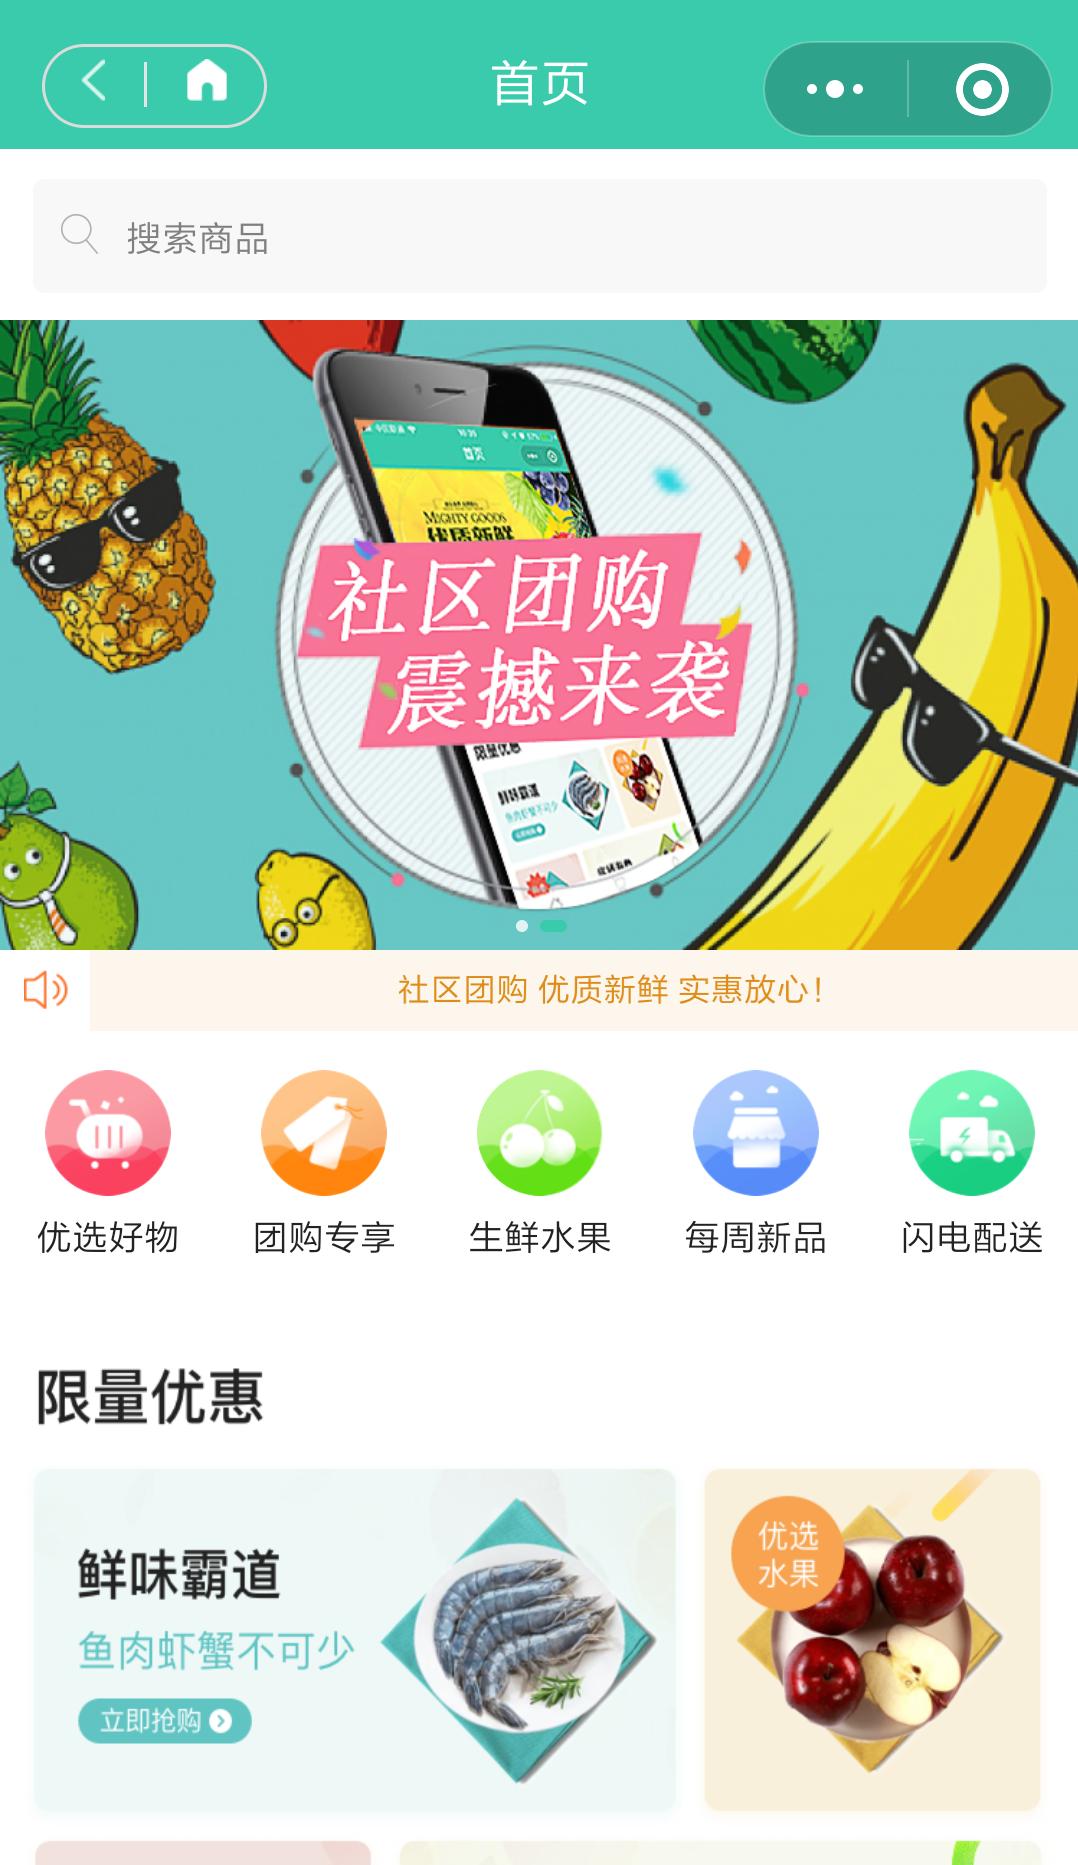 多多客商业版周更新:插件市场全面升级为应用商店 第2张-菜鸟分享